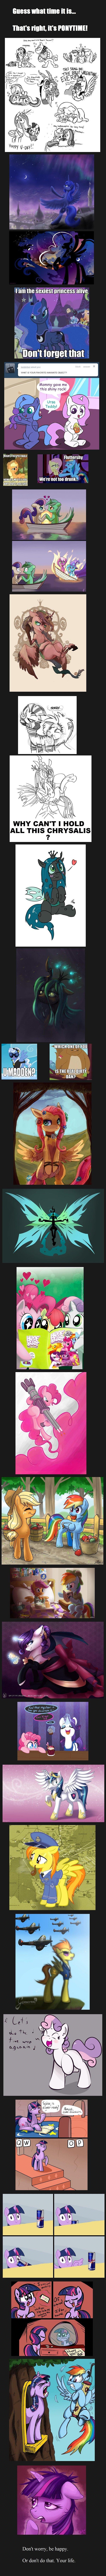 Ponycomp 235. Ponycomp 234: funnyjunk.com/channel/ponytime/Ponycomp+234/ManmGZn/ DOWNLOAD LINK docs.google.com/folder/d/0BzOyTFy8-sUIT1V3N09HYVpUUEk/edit?usp=sh